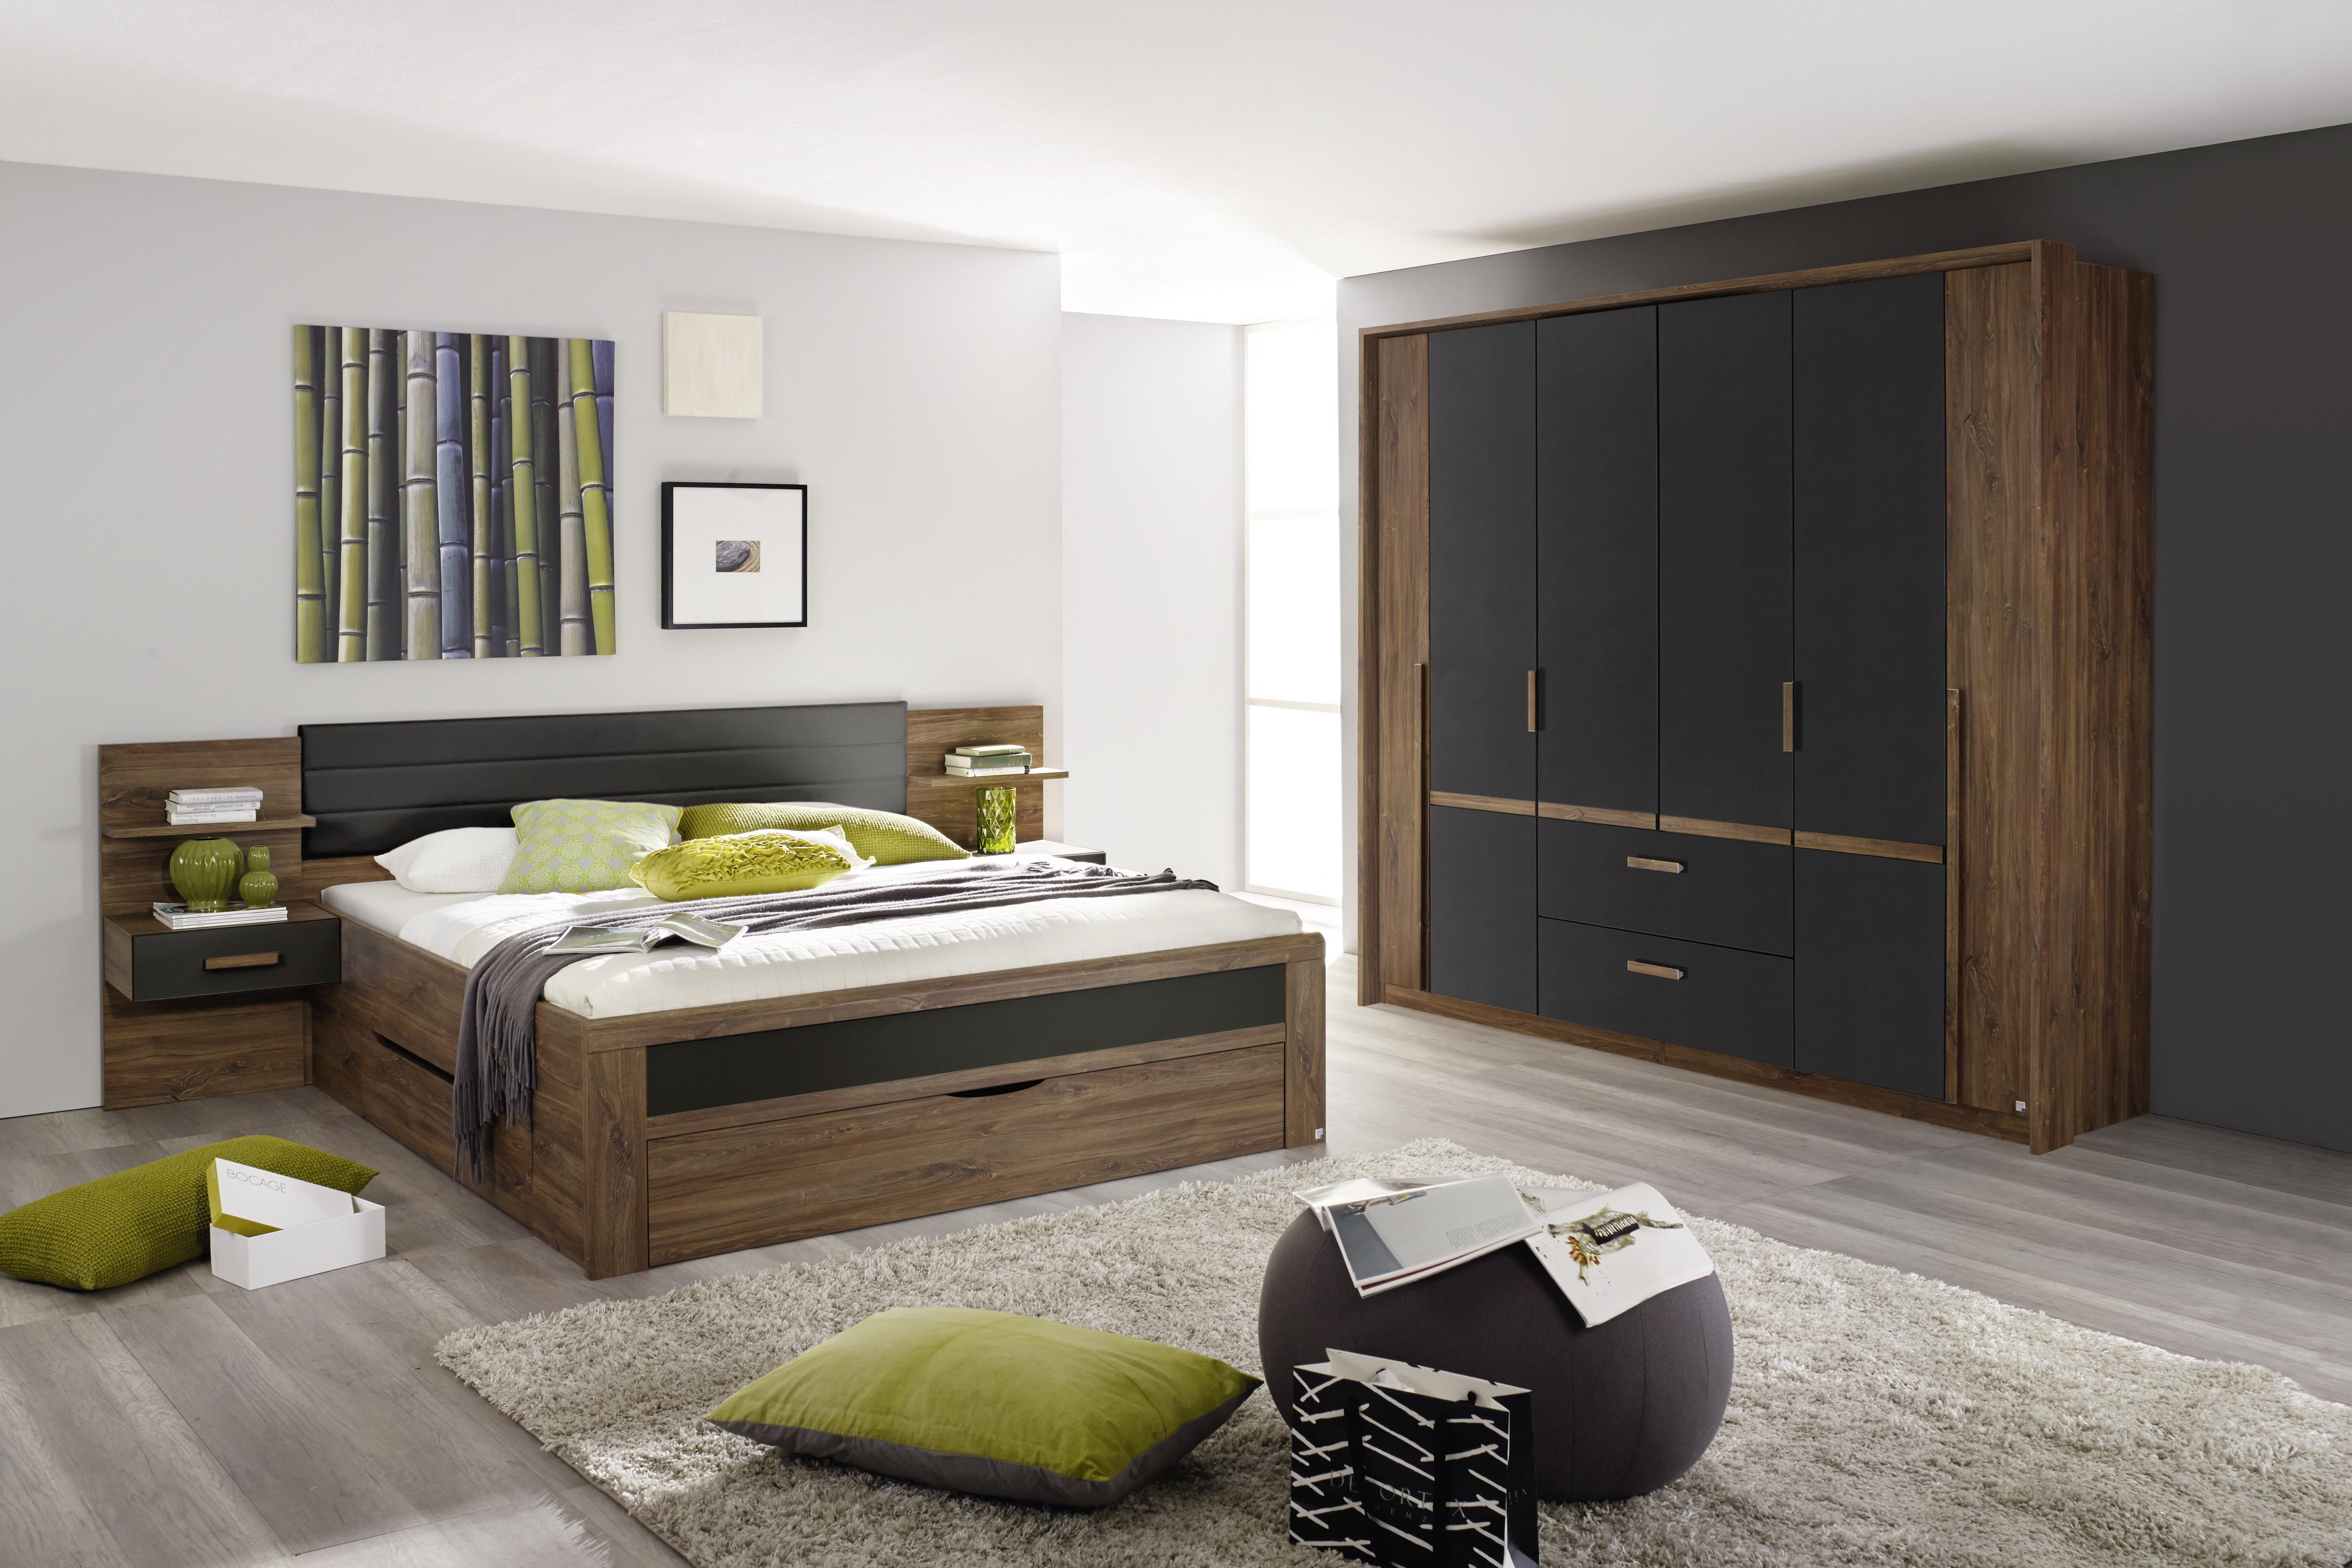 Schlafzimmer Eiche Stirling Grau Bernau 2-teilig